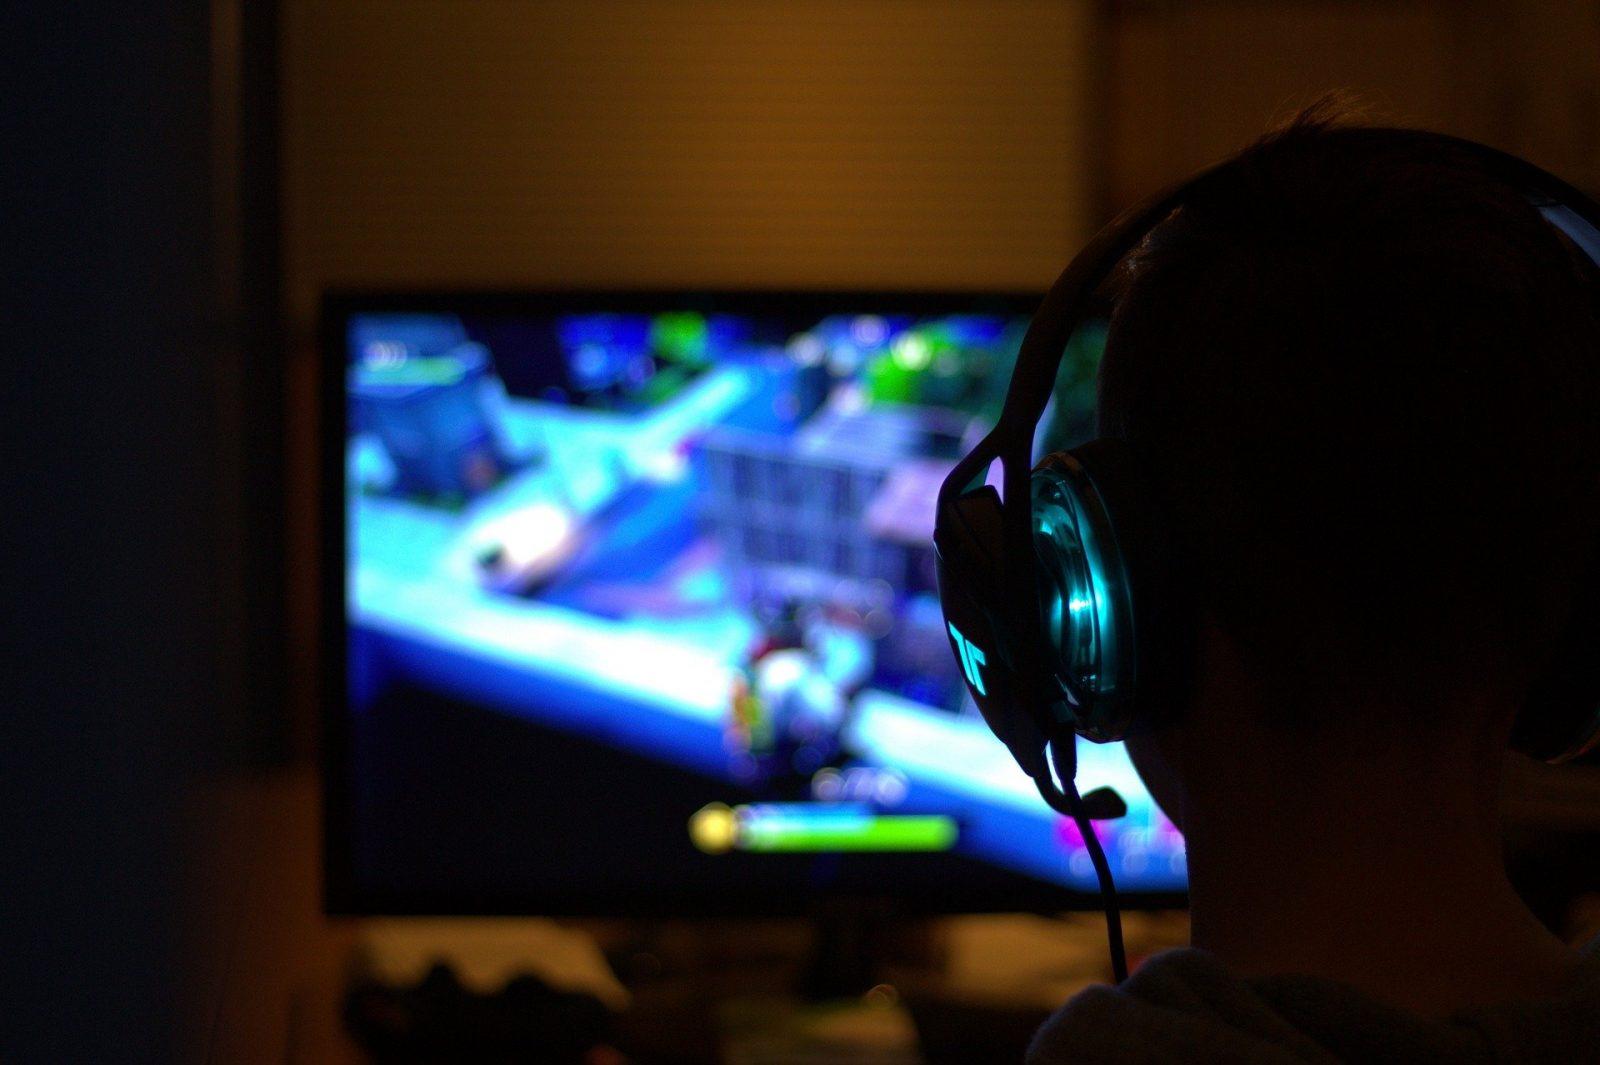 cuenta de videojuegos